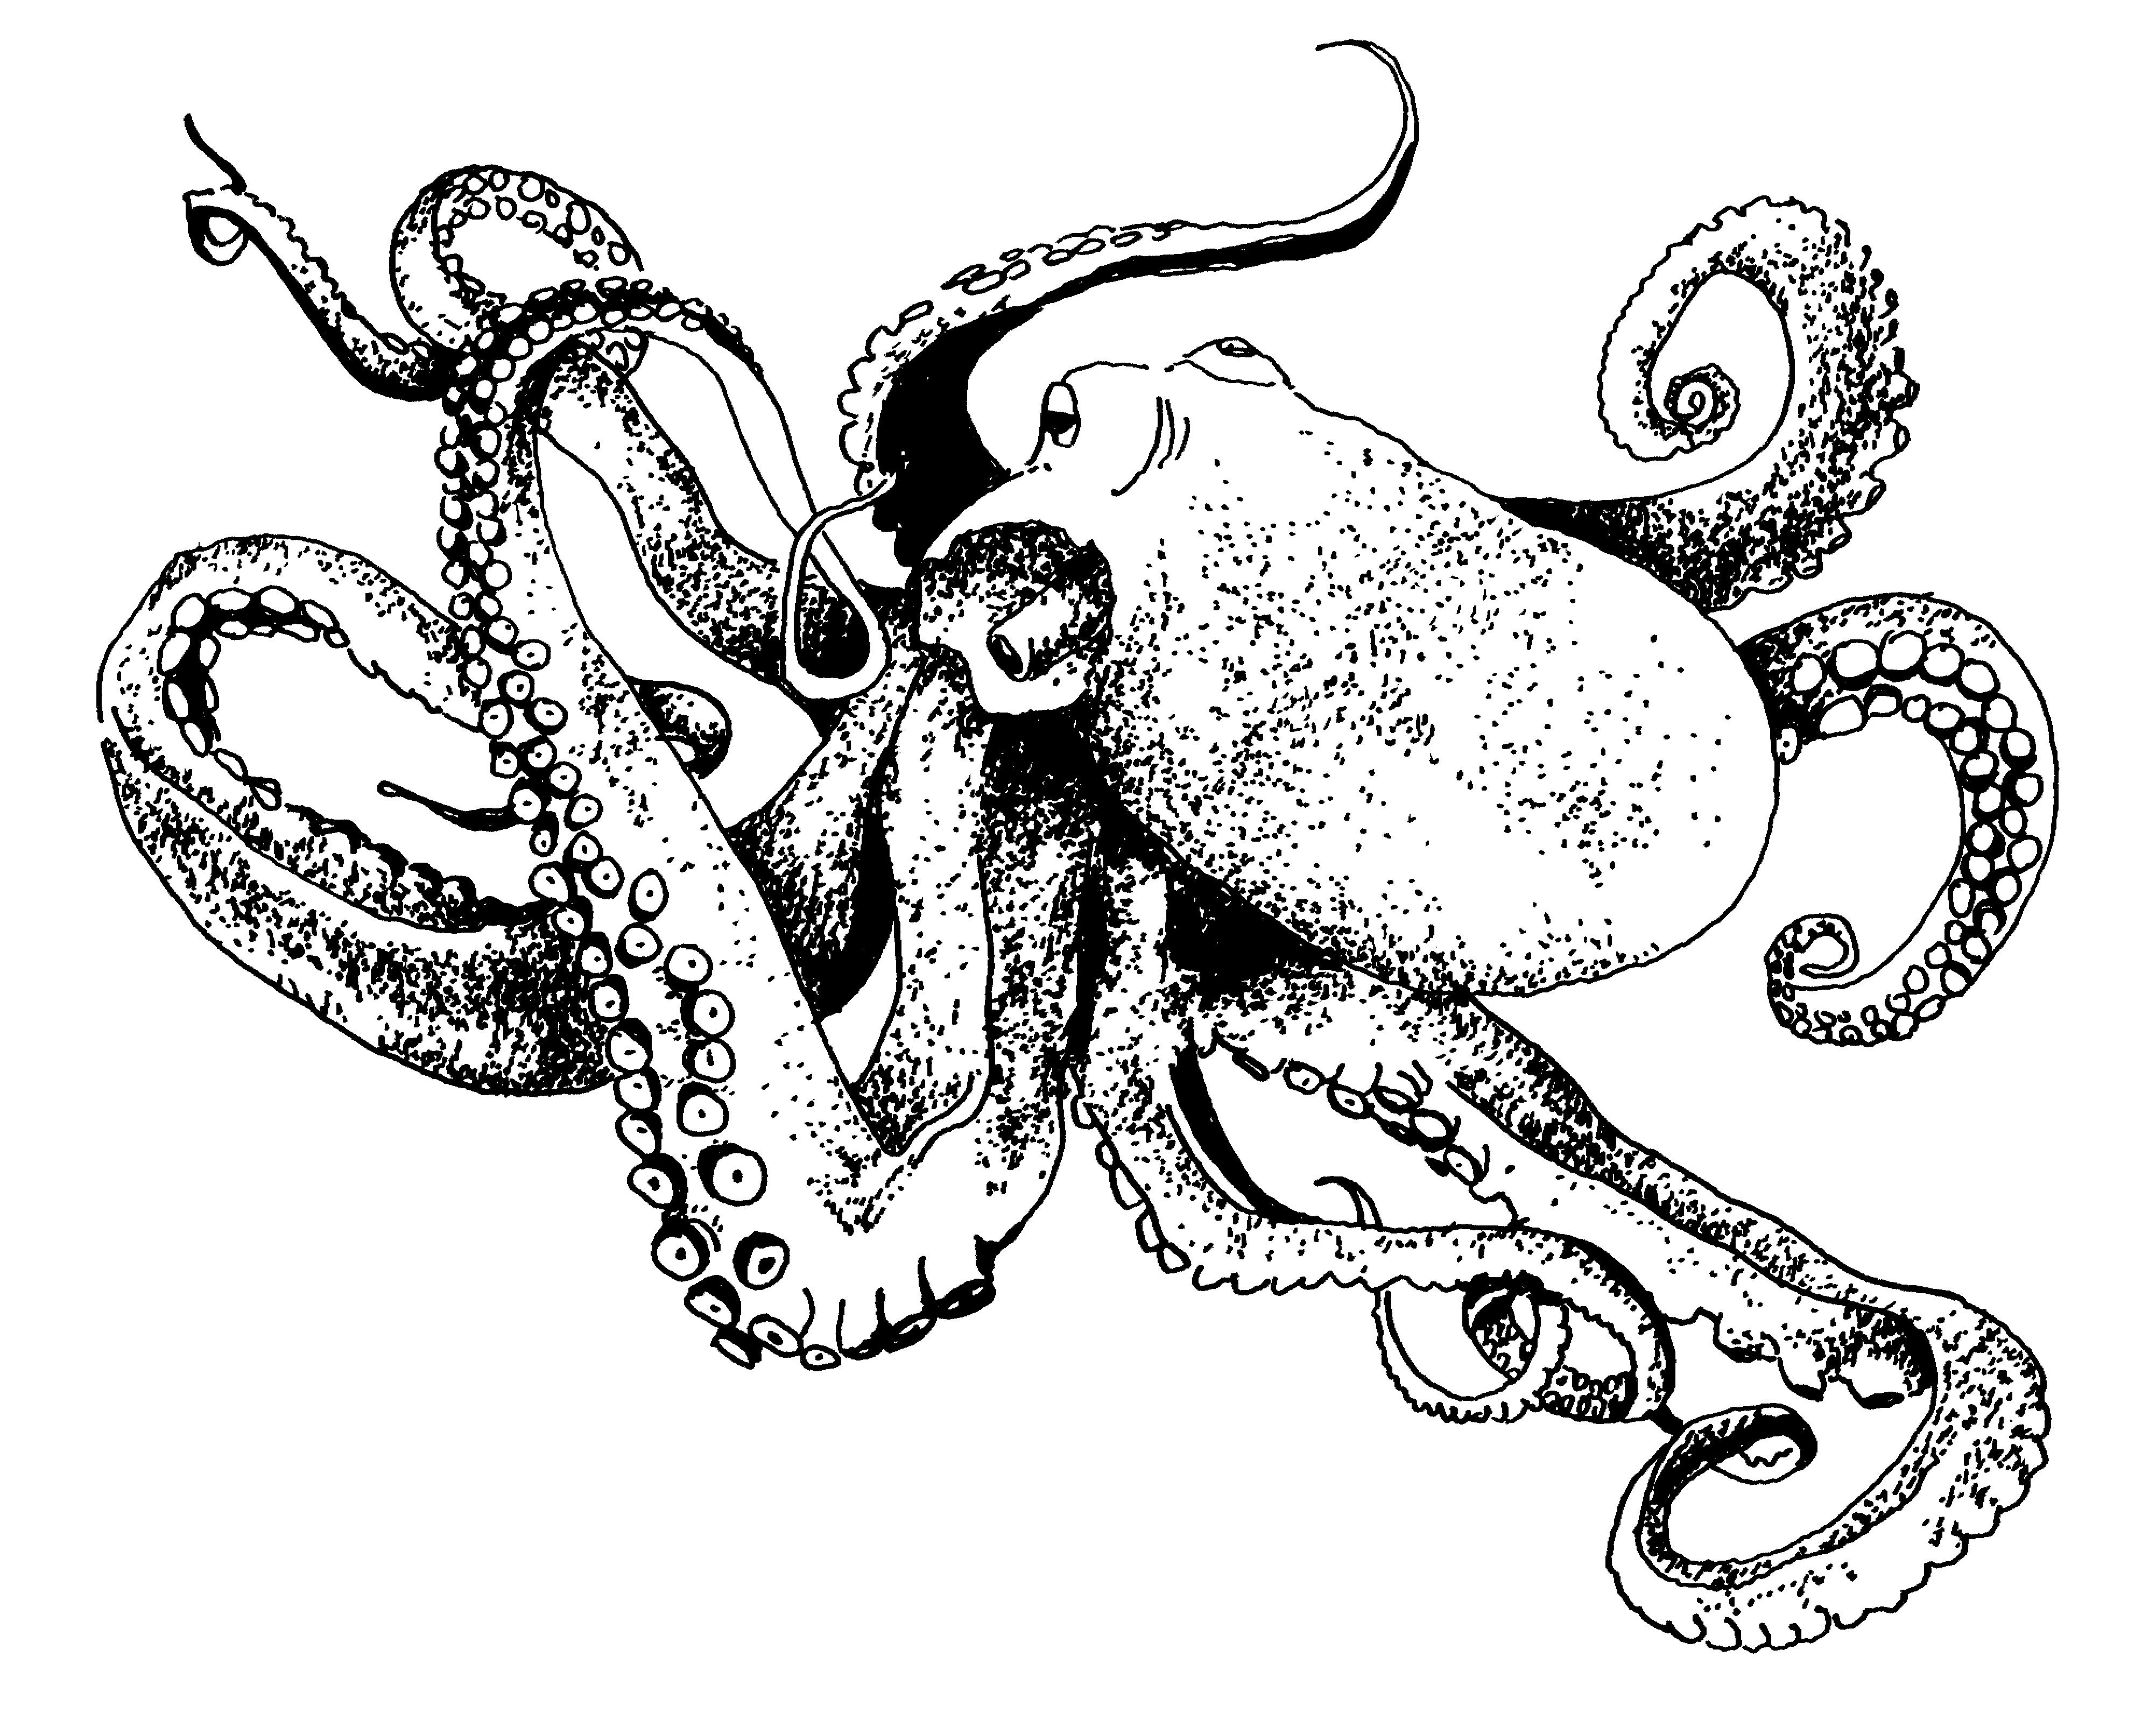 4006x3183 Drawing Of The Week Octopus Studioten15